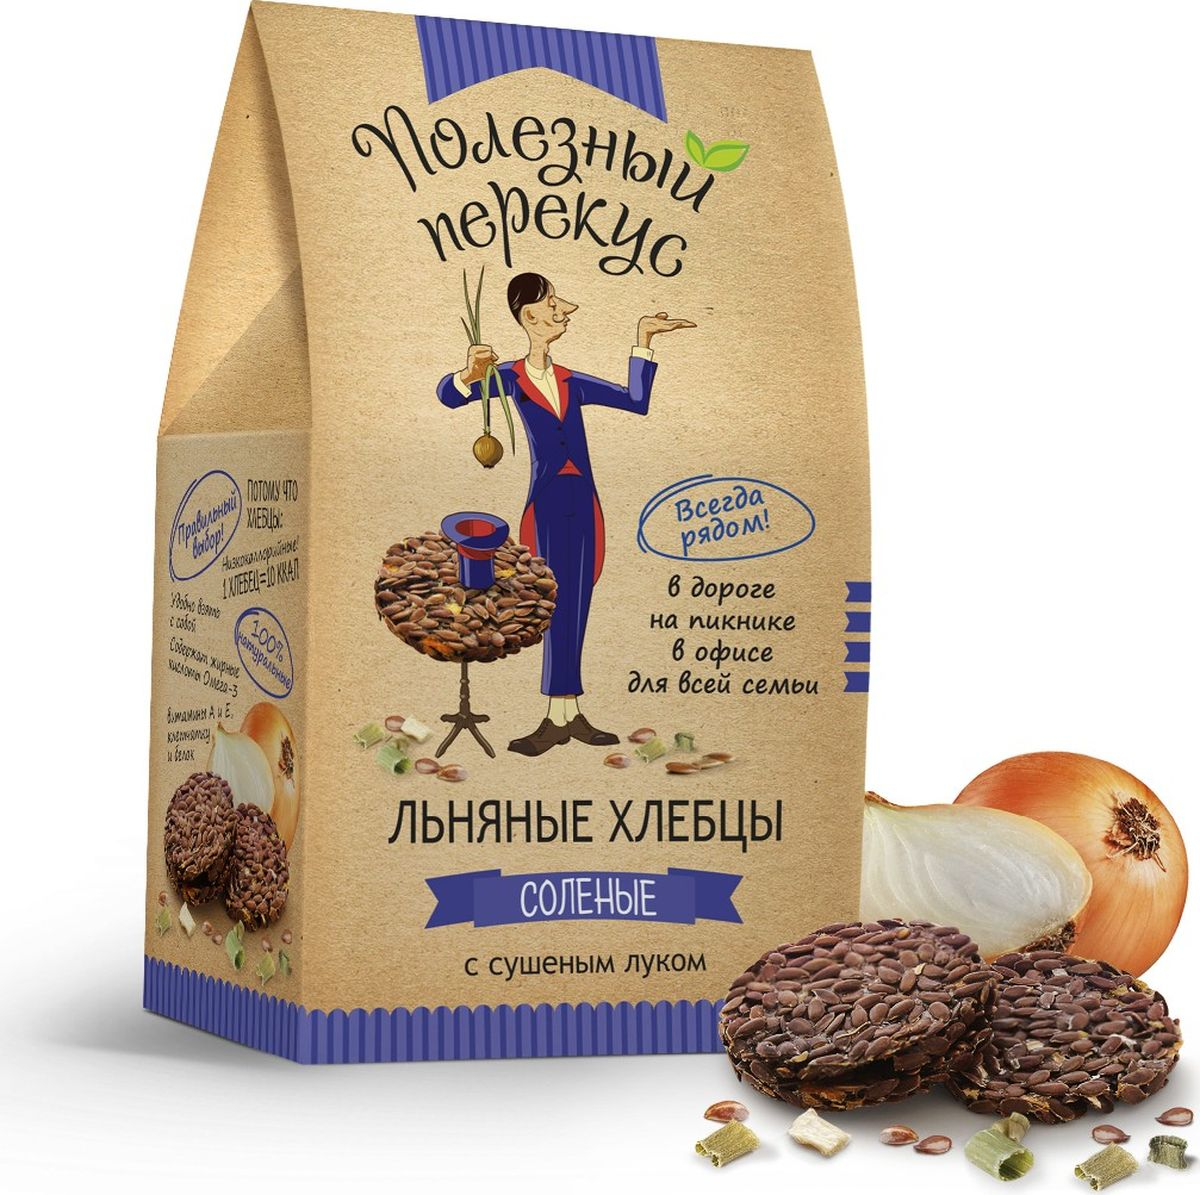 Полезный перкус хлебцы льняные с луком соленые, 100 г0120710Для всей семьи, в офисе, на пикнике, в дороге